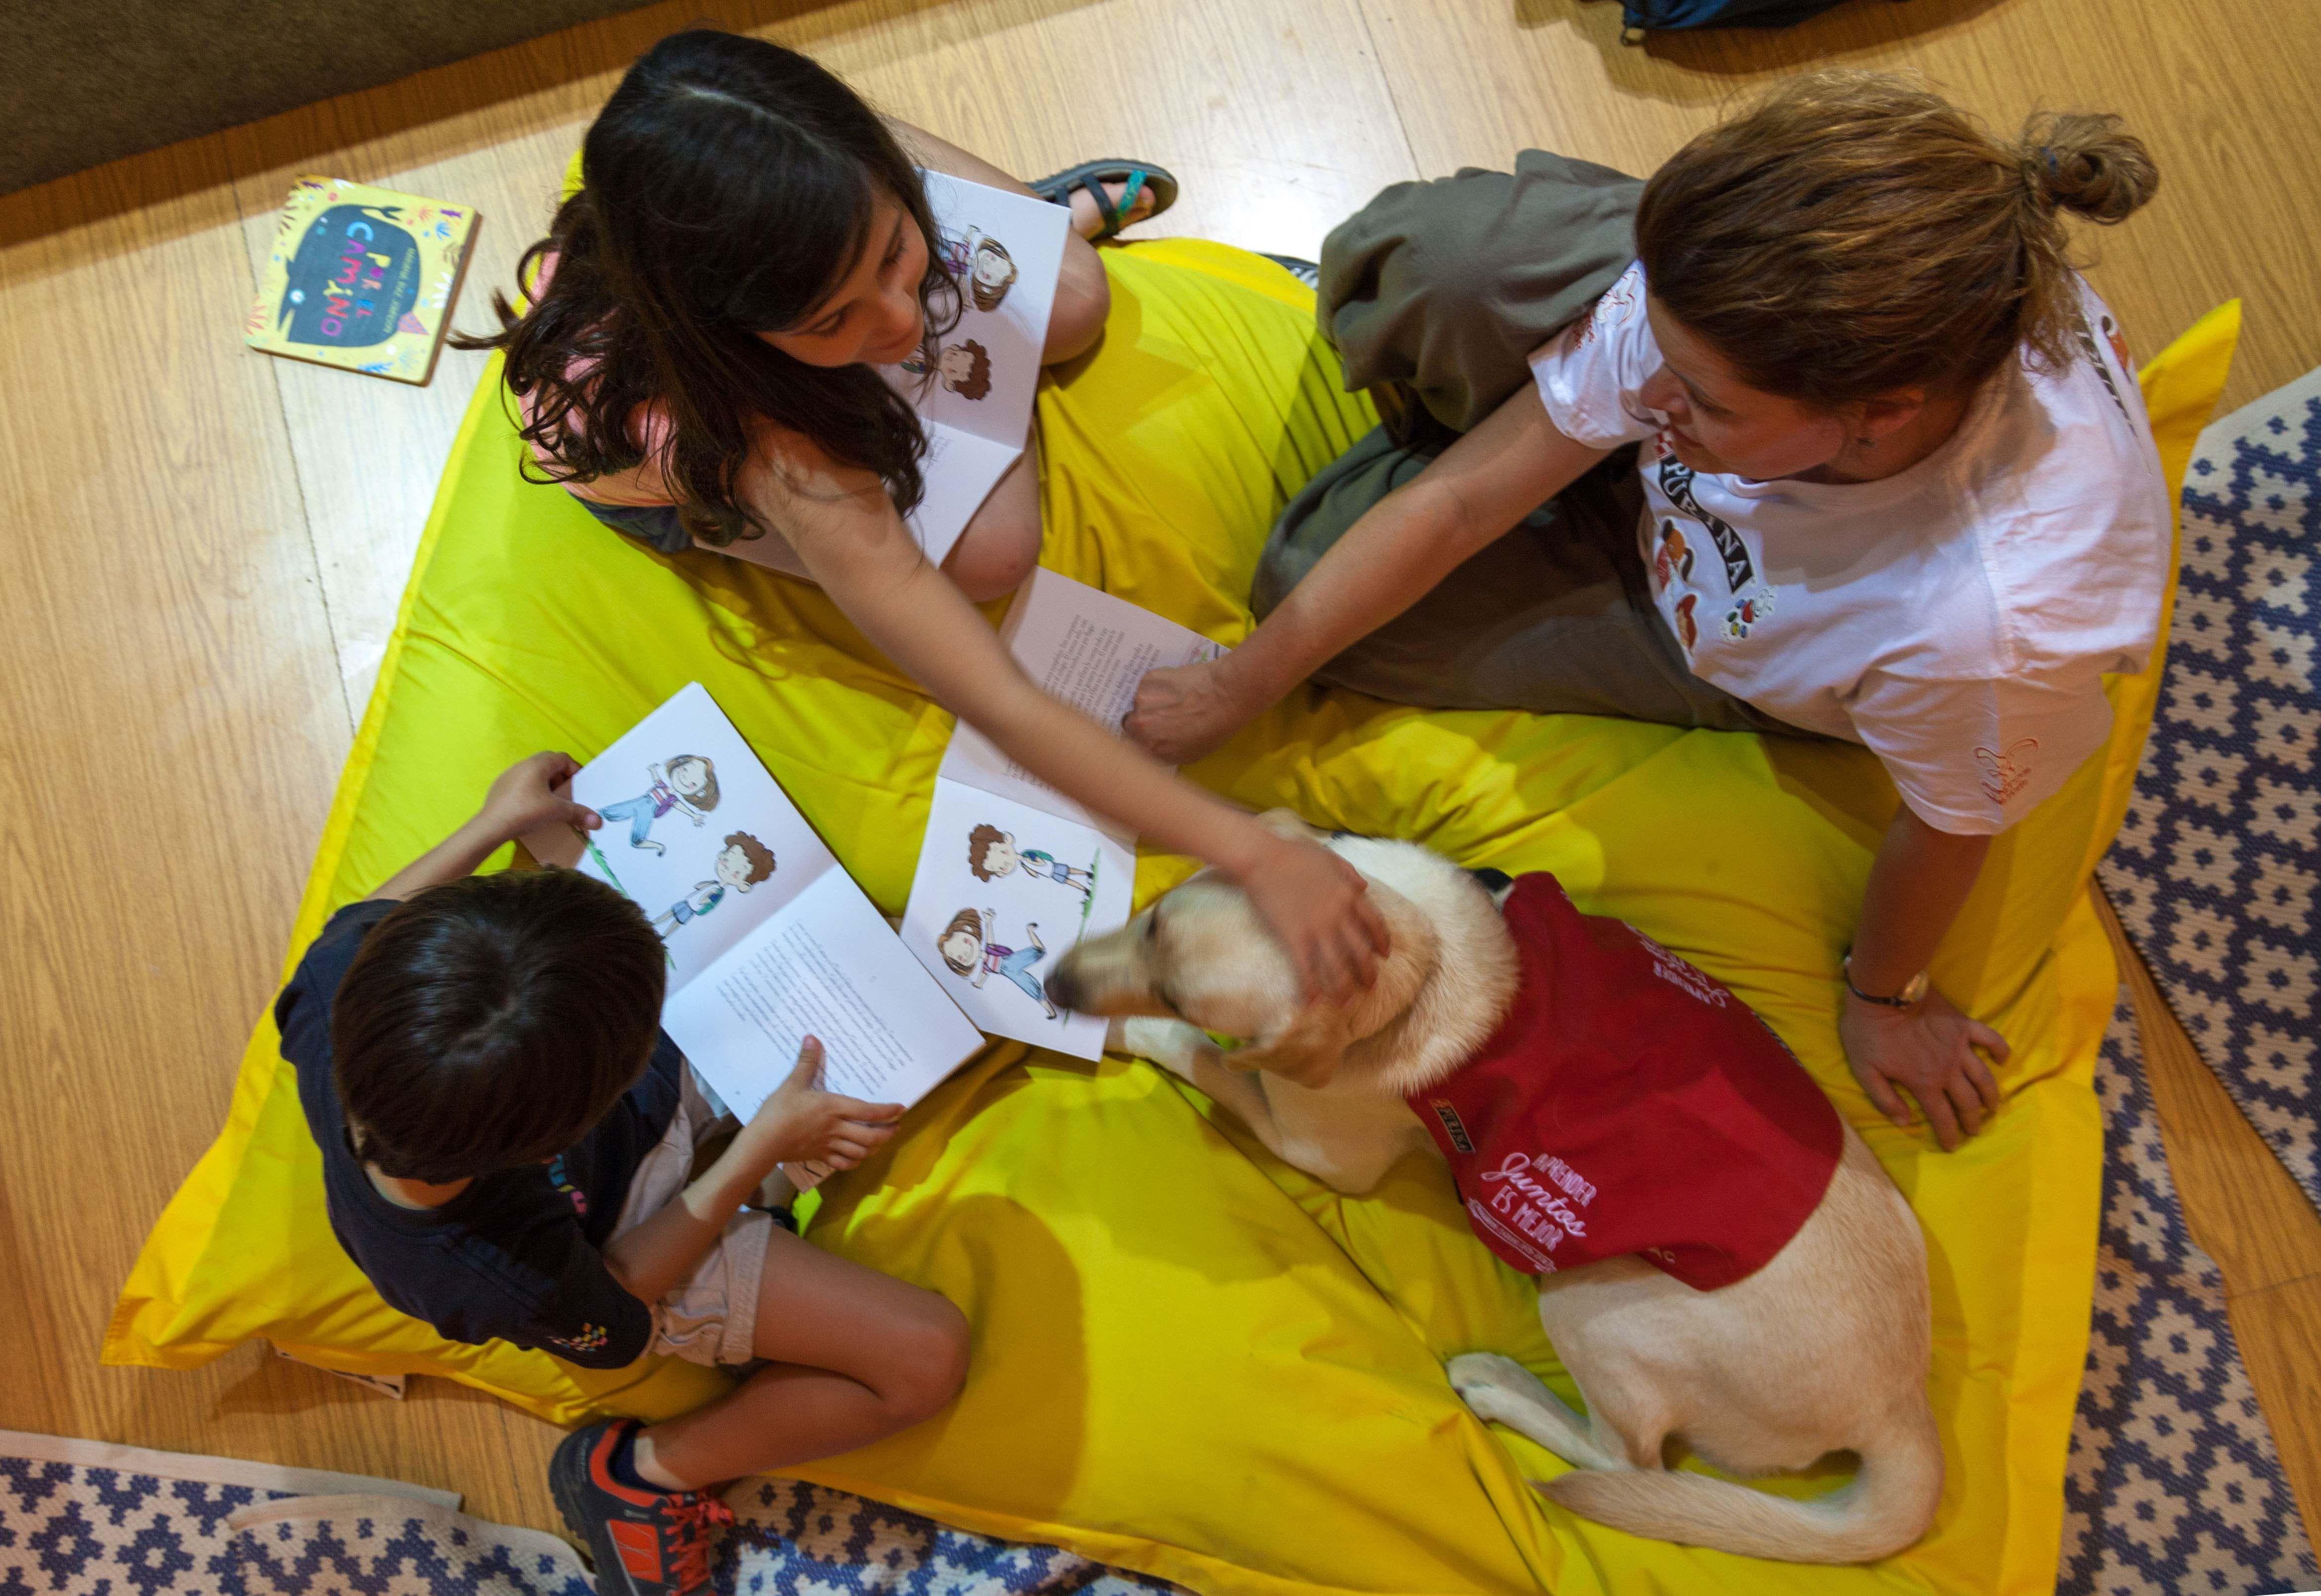 PURINA y CTAC celebran un taller de lectura con perros en la Feria del Libro de Madrid 2017